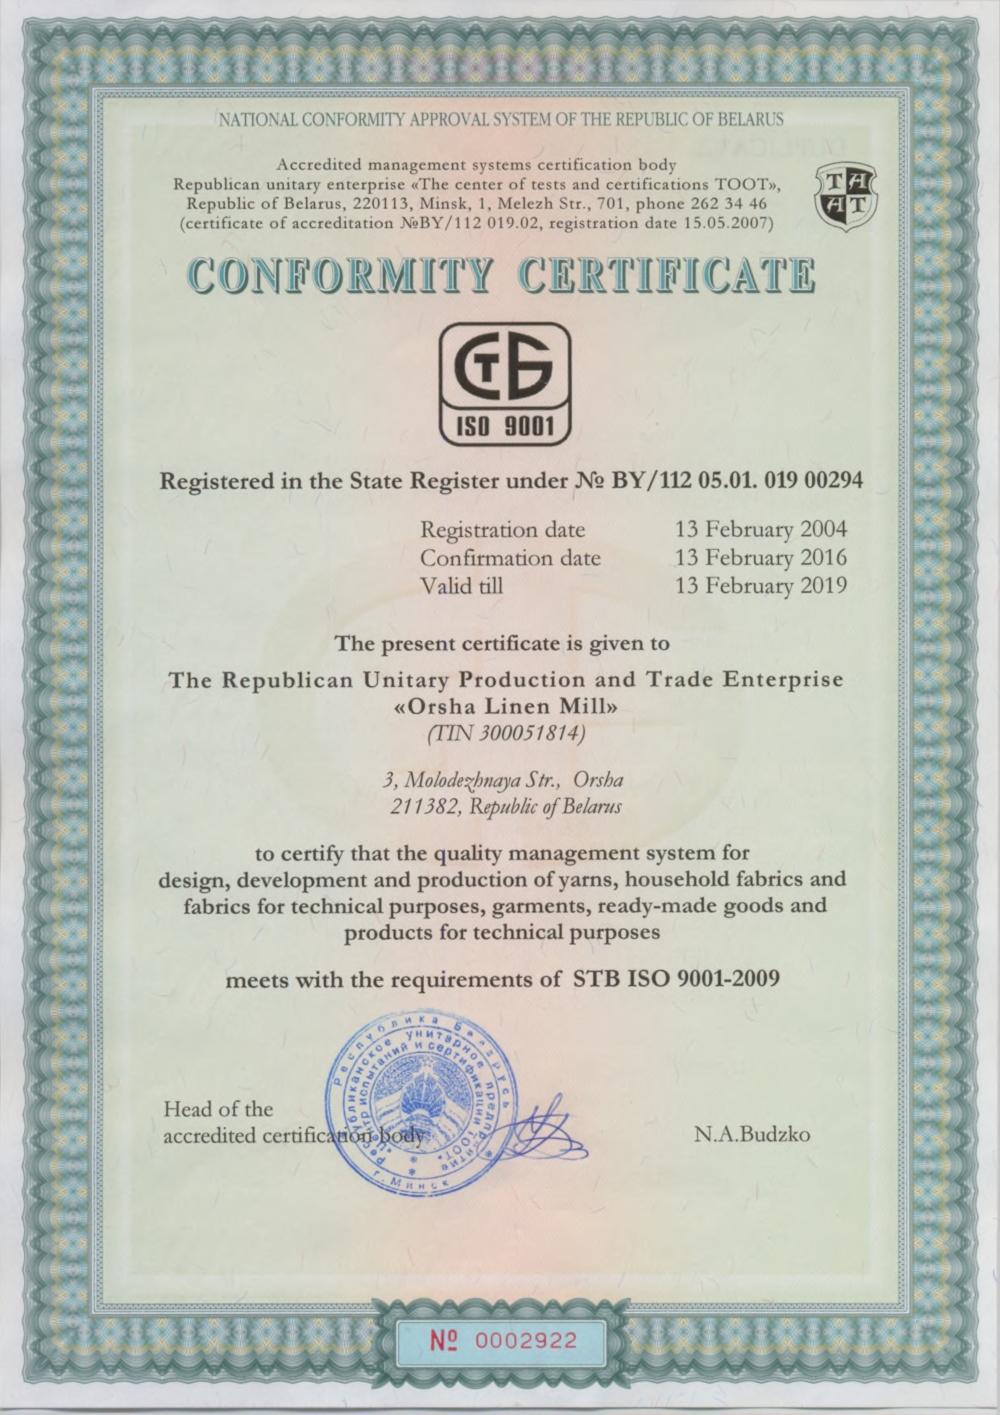 Ľanové produkty_slovienka.sk certifikat CE